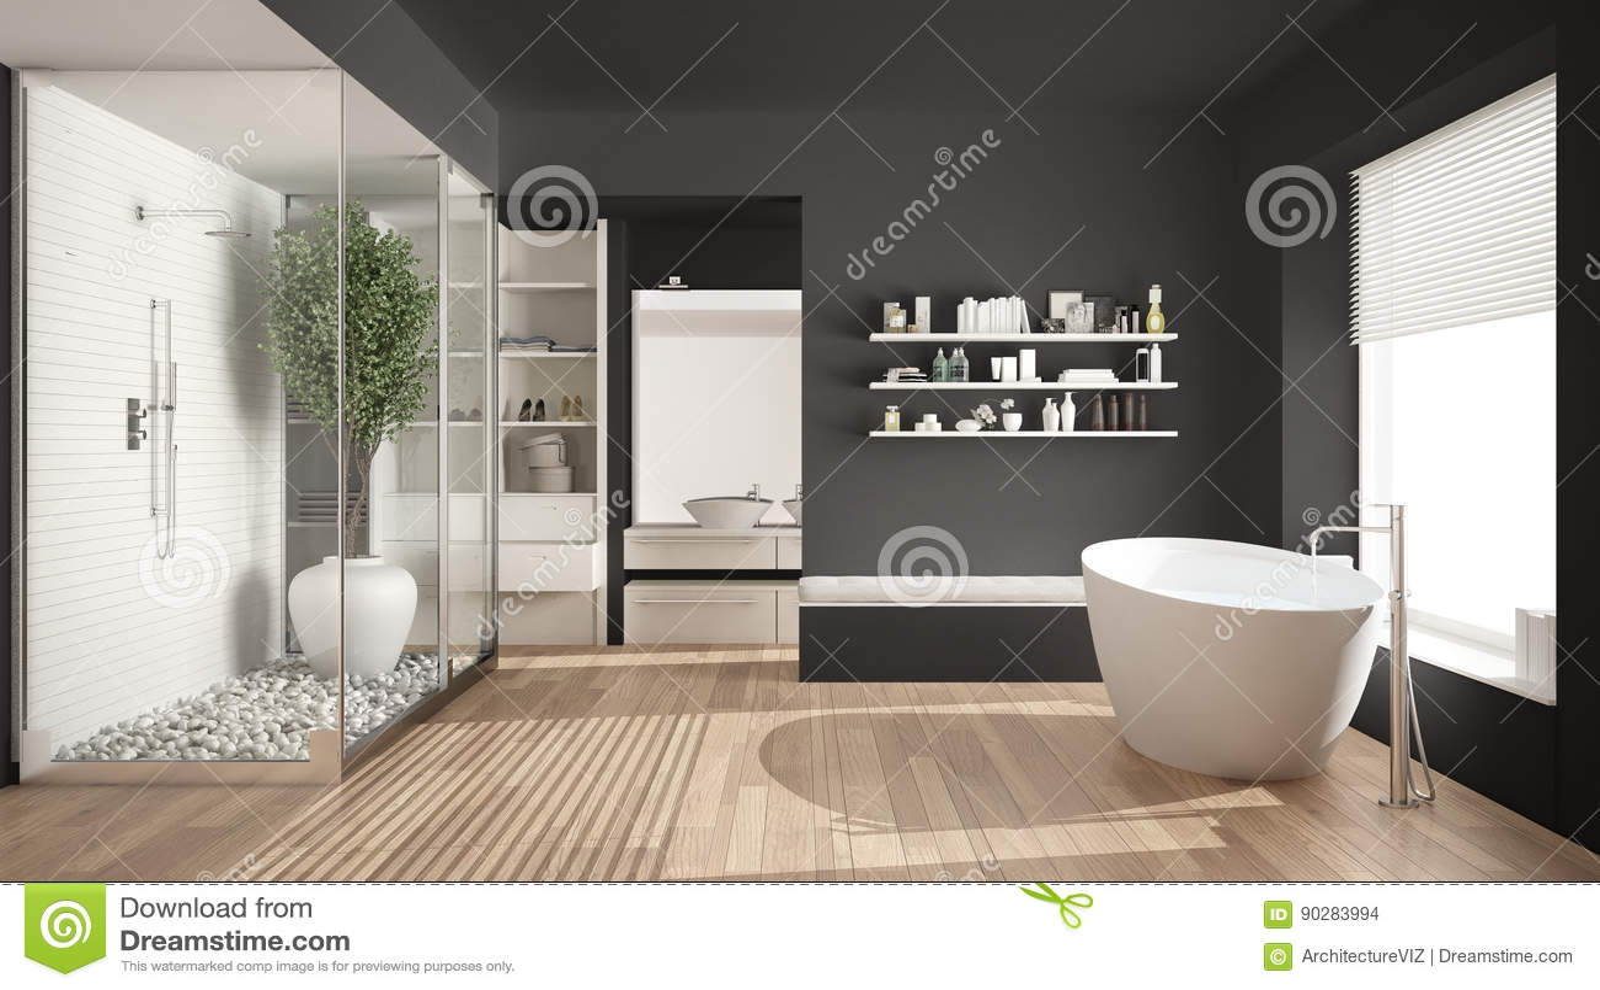 Minimalist Gray Scandinavian Bathroom With Walk In Closet, Classic  Scandinavian Interior Design